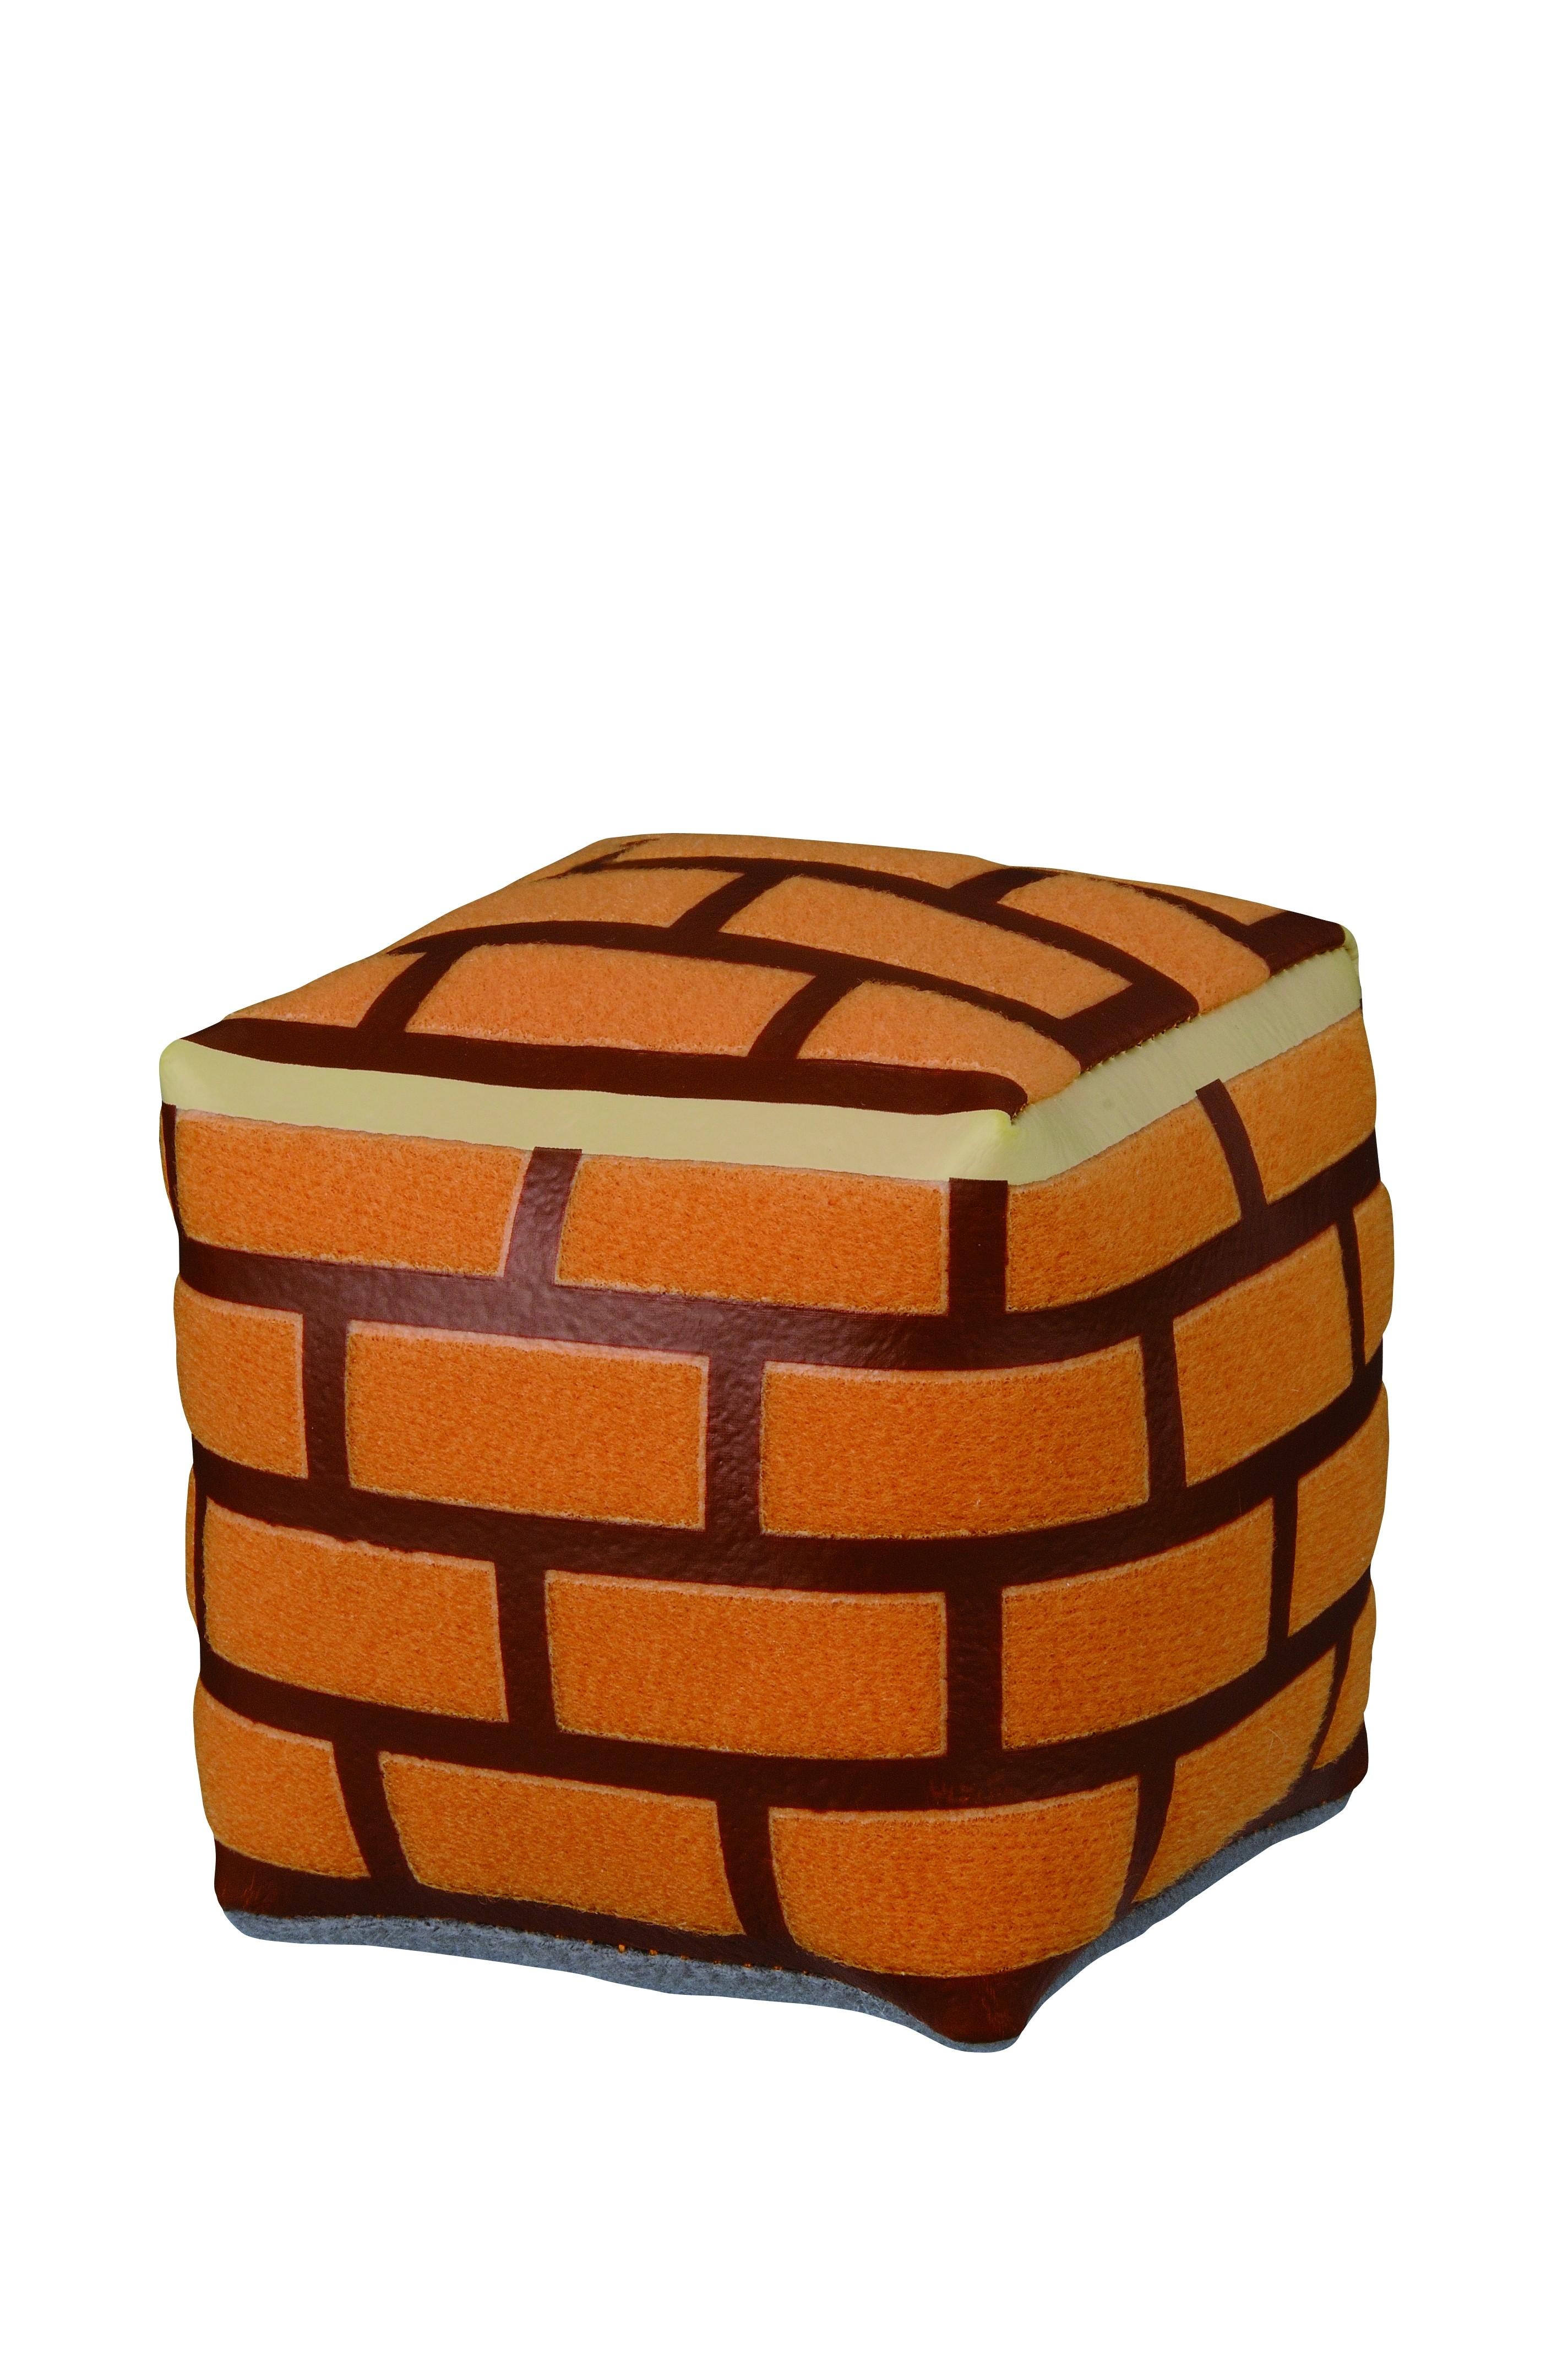 Super Mario 30th Brick Box 3 Inch Plush